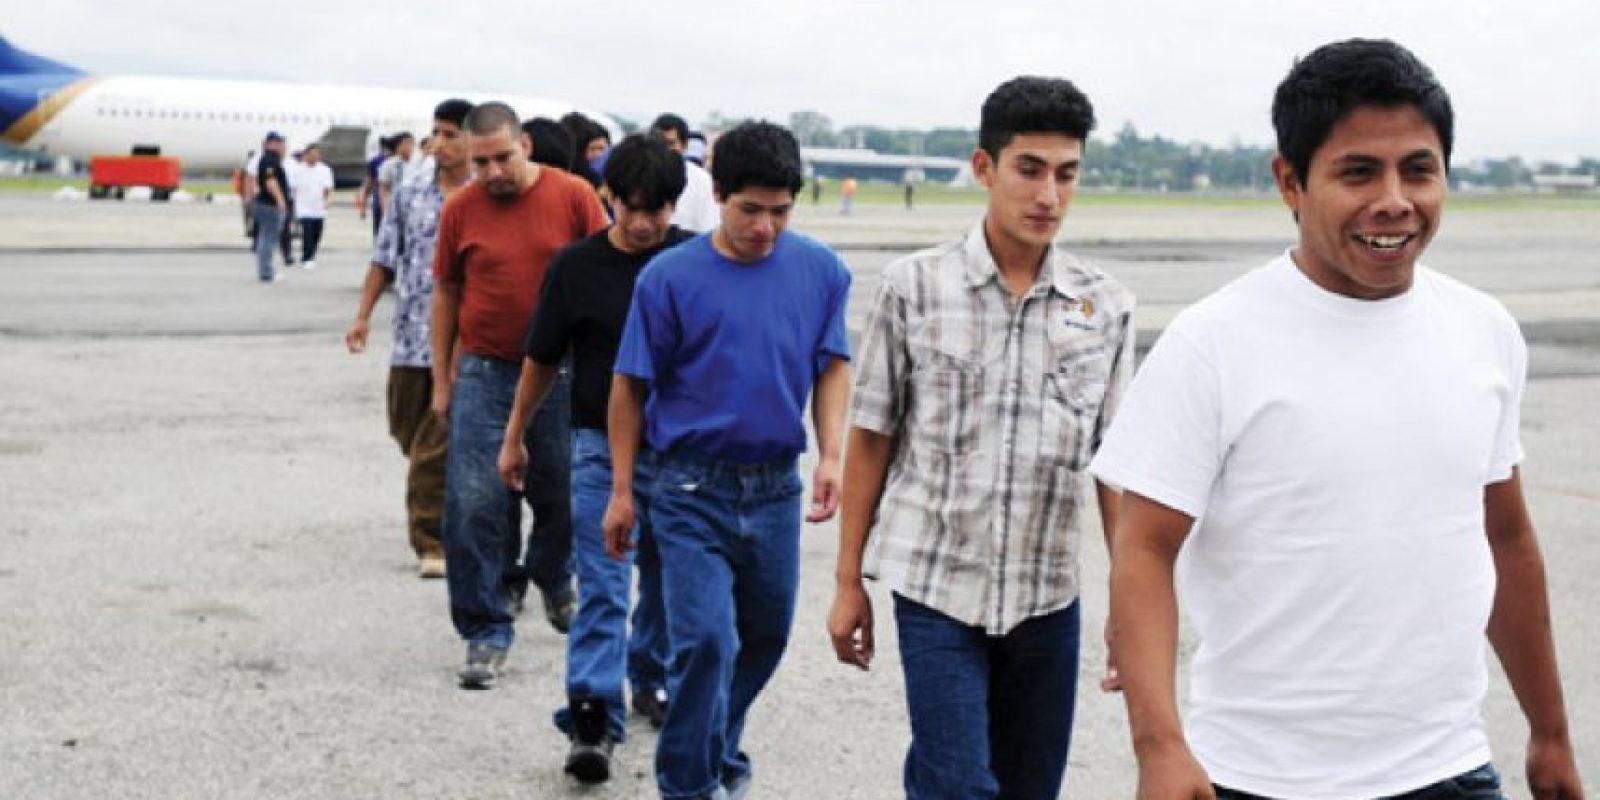 Este año han sido expulsados 281 connacionales de Estados Unidos Foto:Publinews